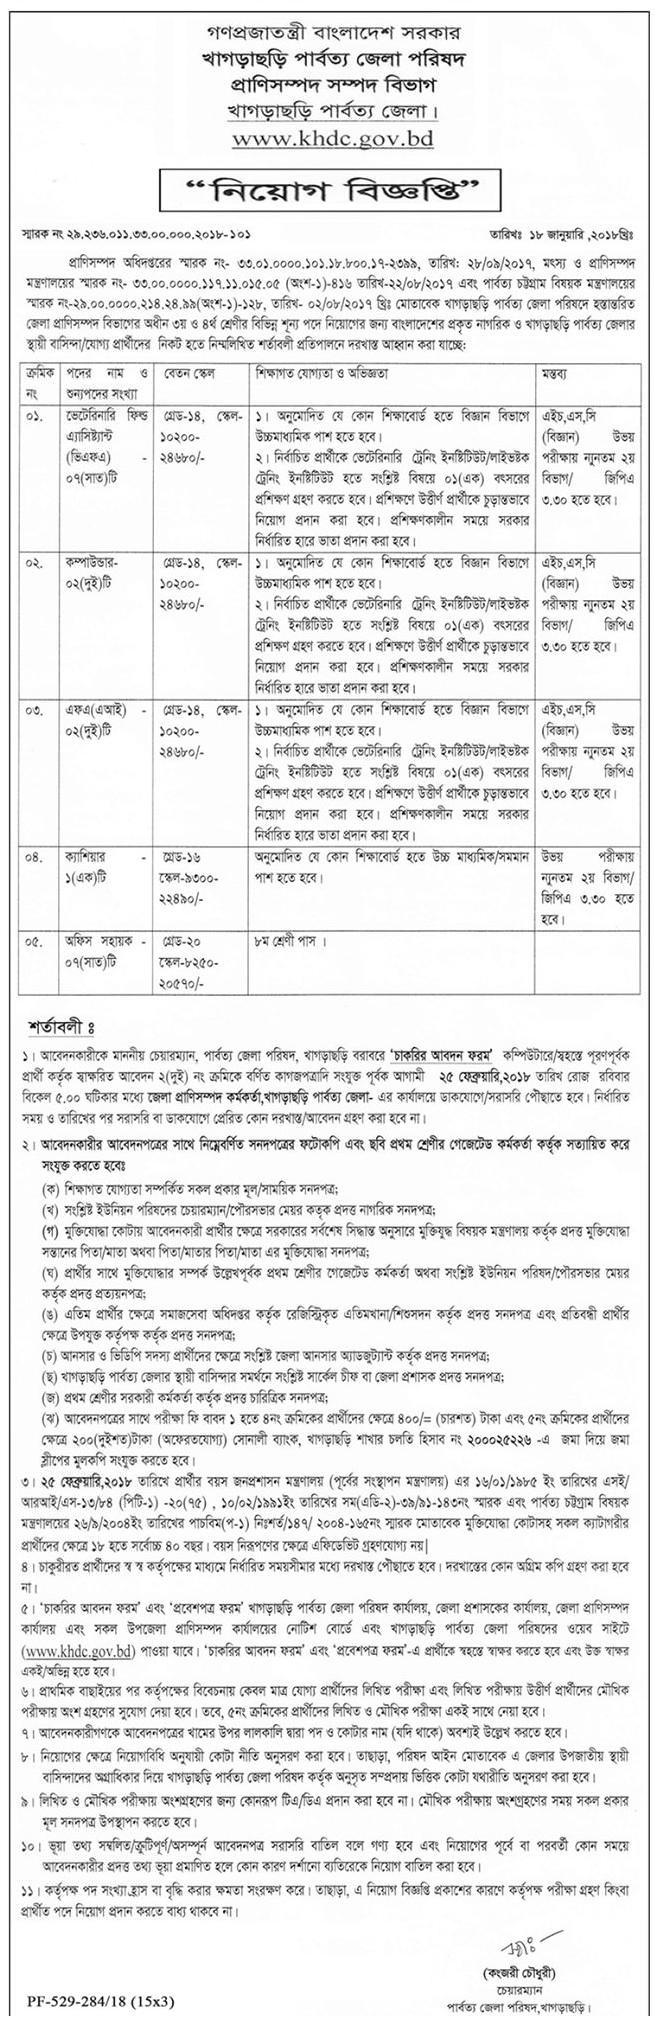 District Council Job Circular 2018